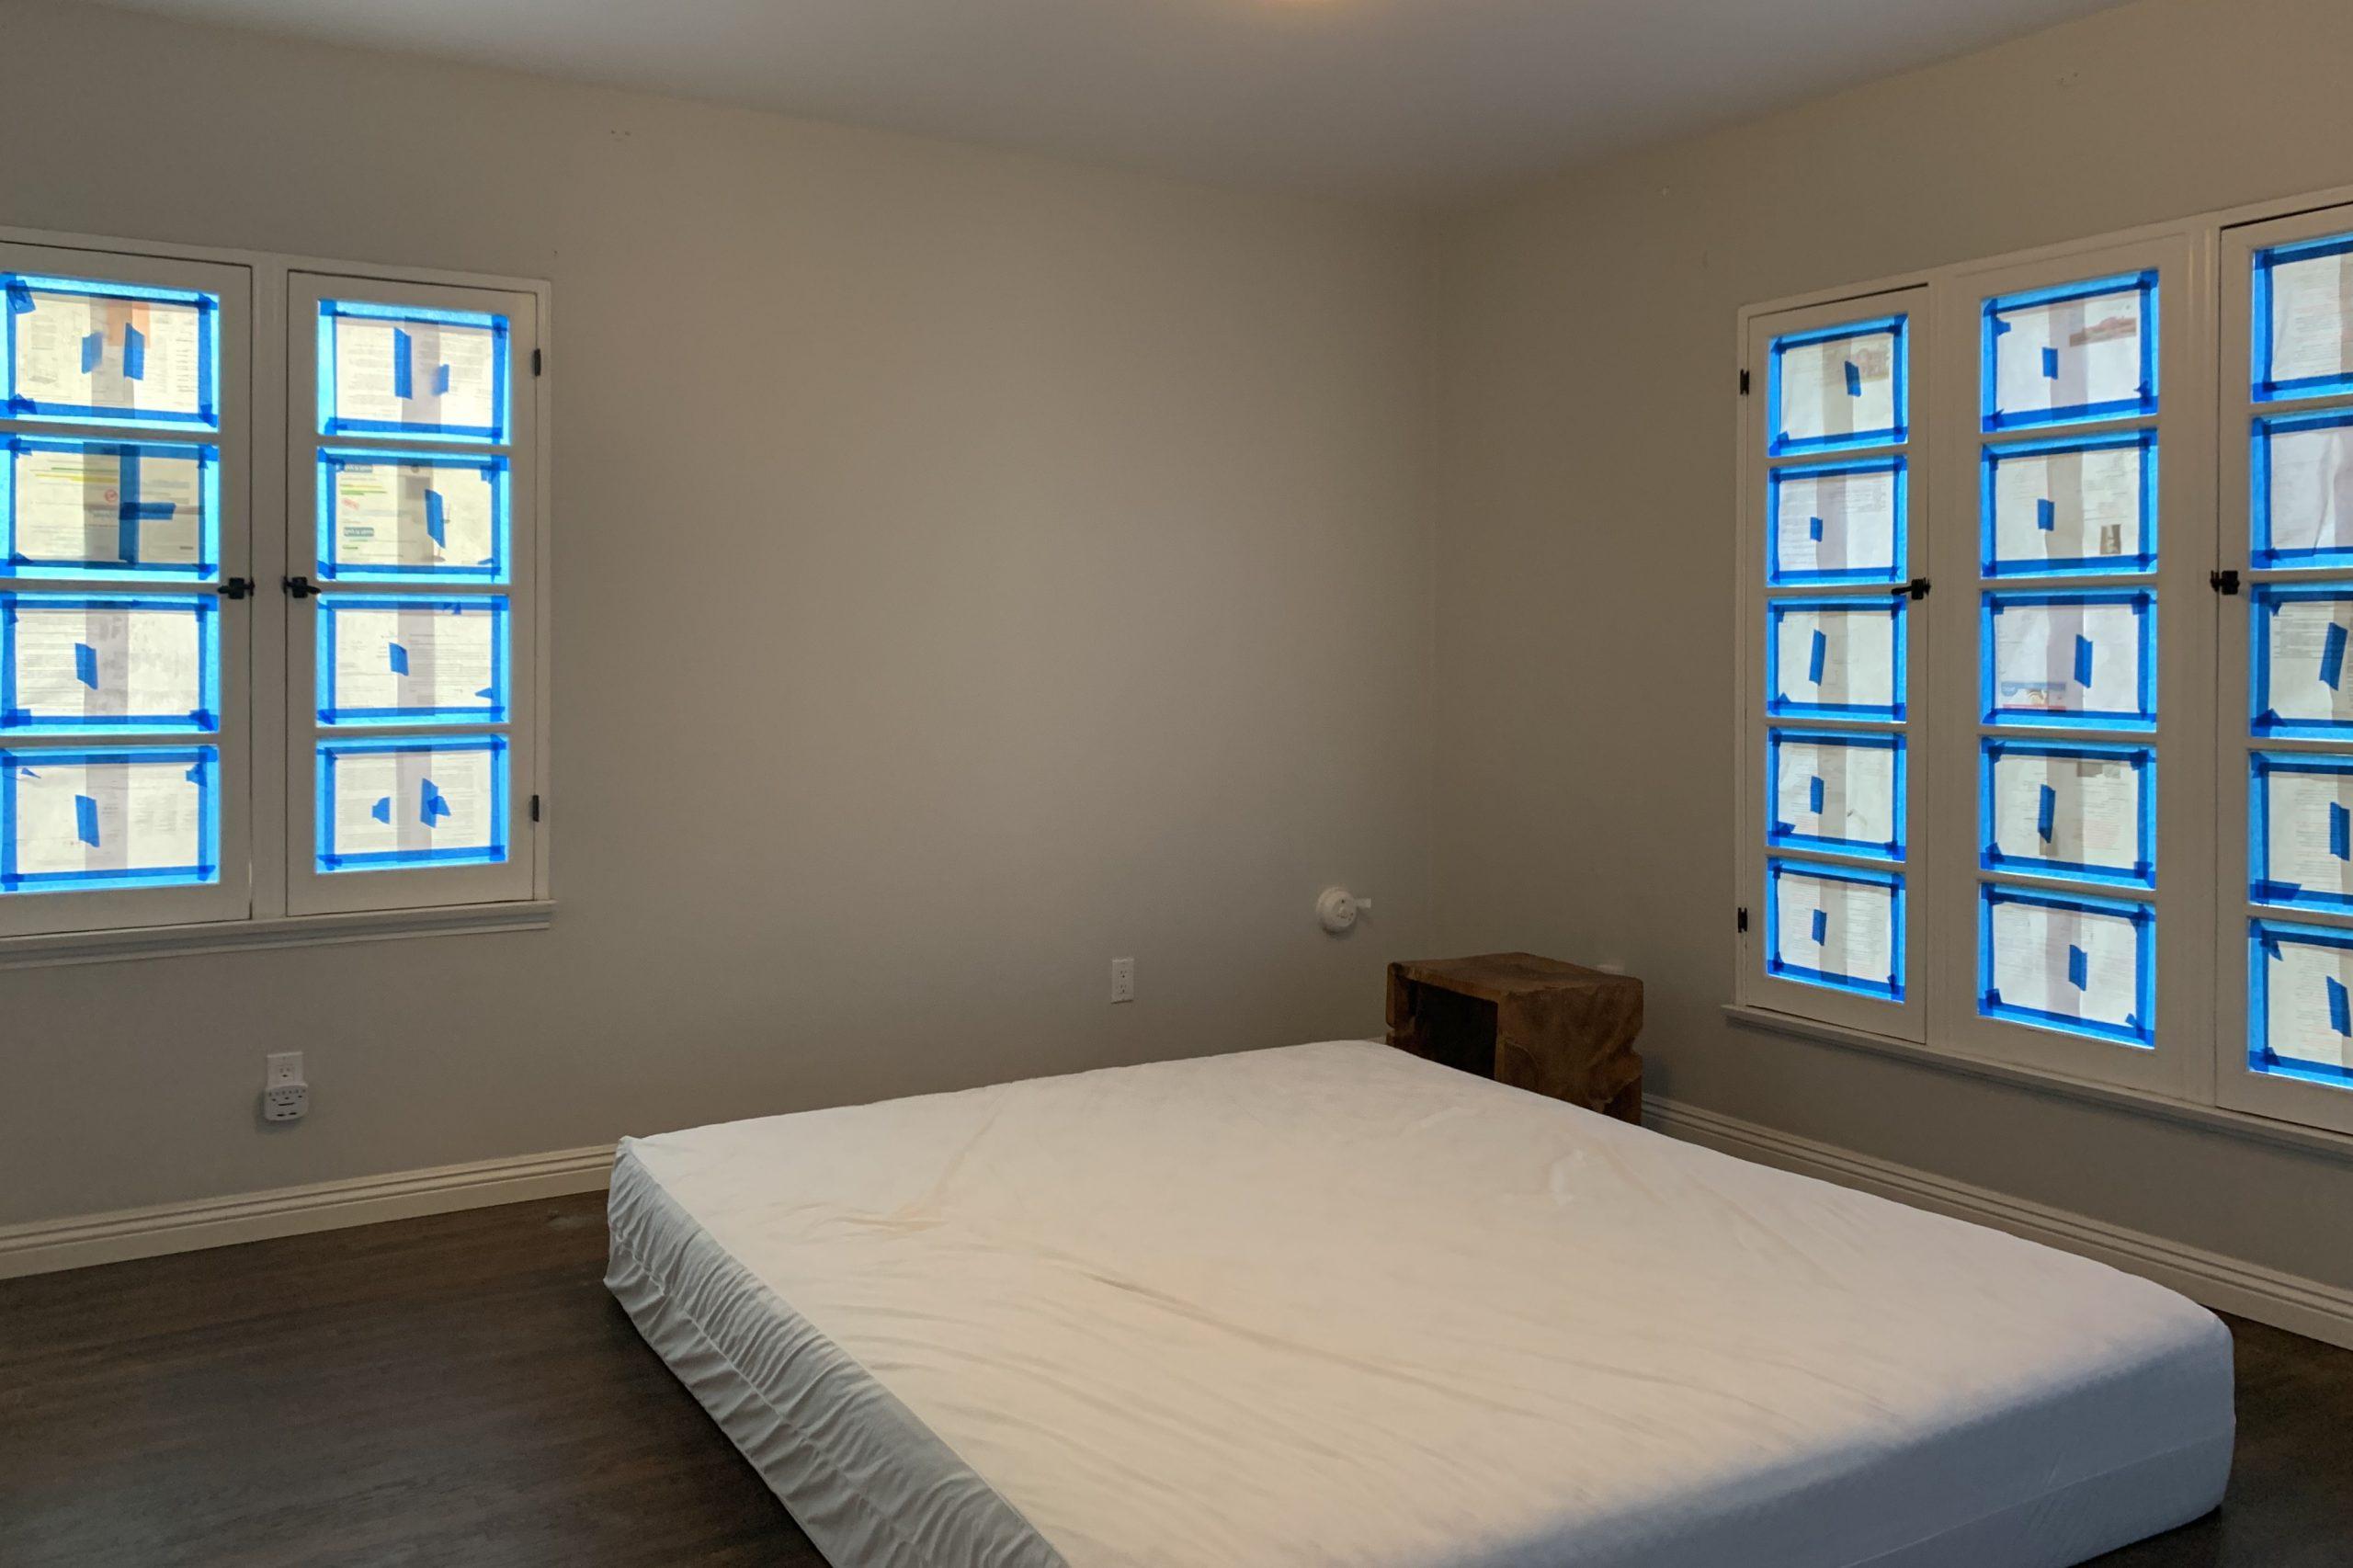 Crhacienda Master Bedroom Makeover Progress